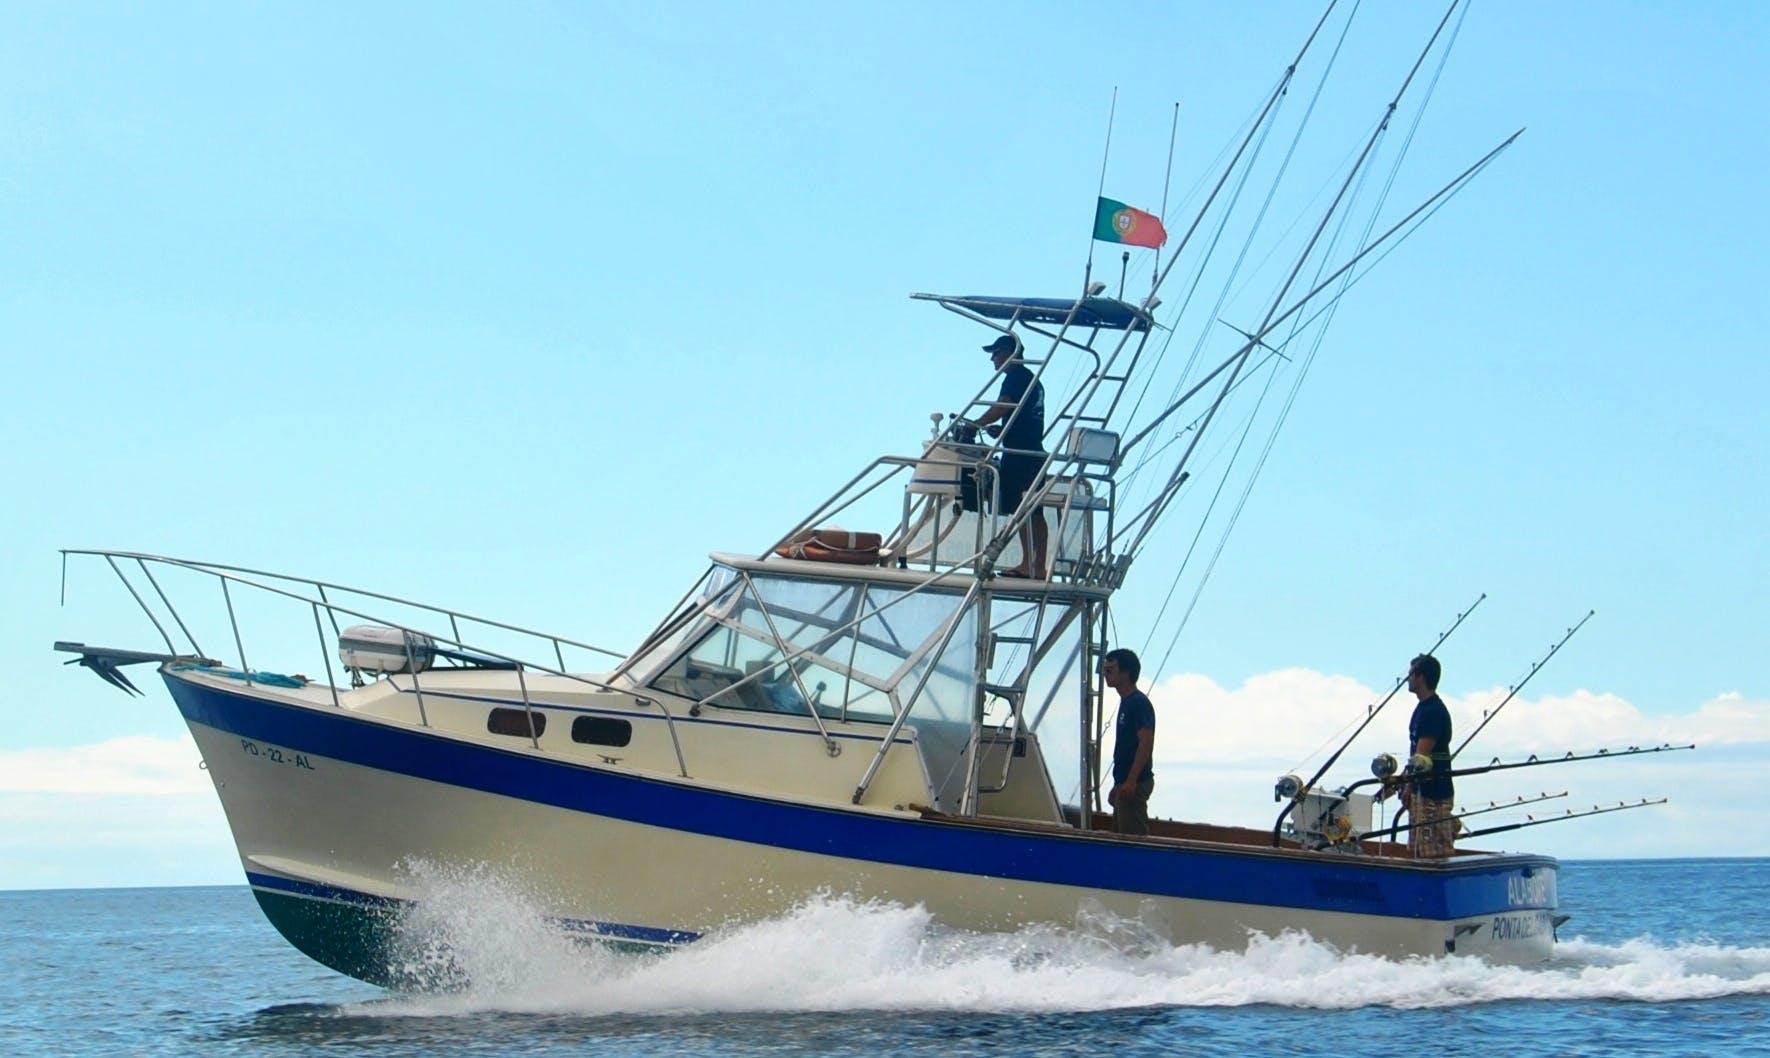 32' Bayliner Explorer Boat In Portugal